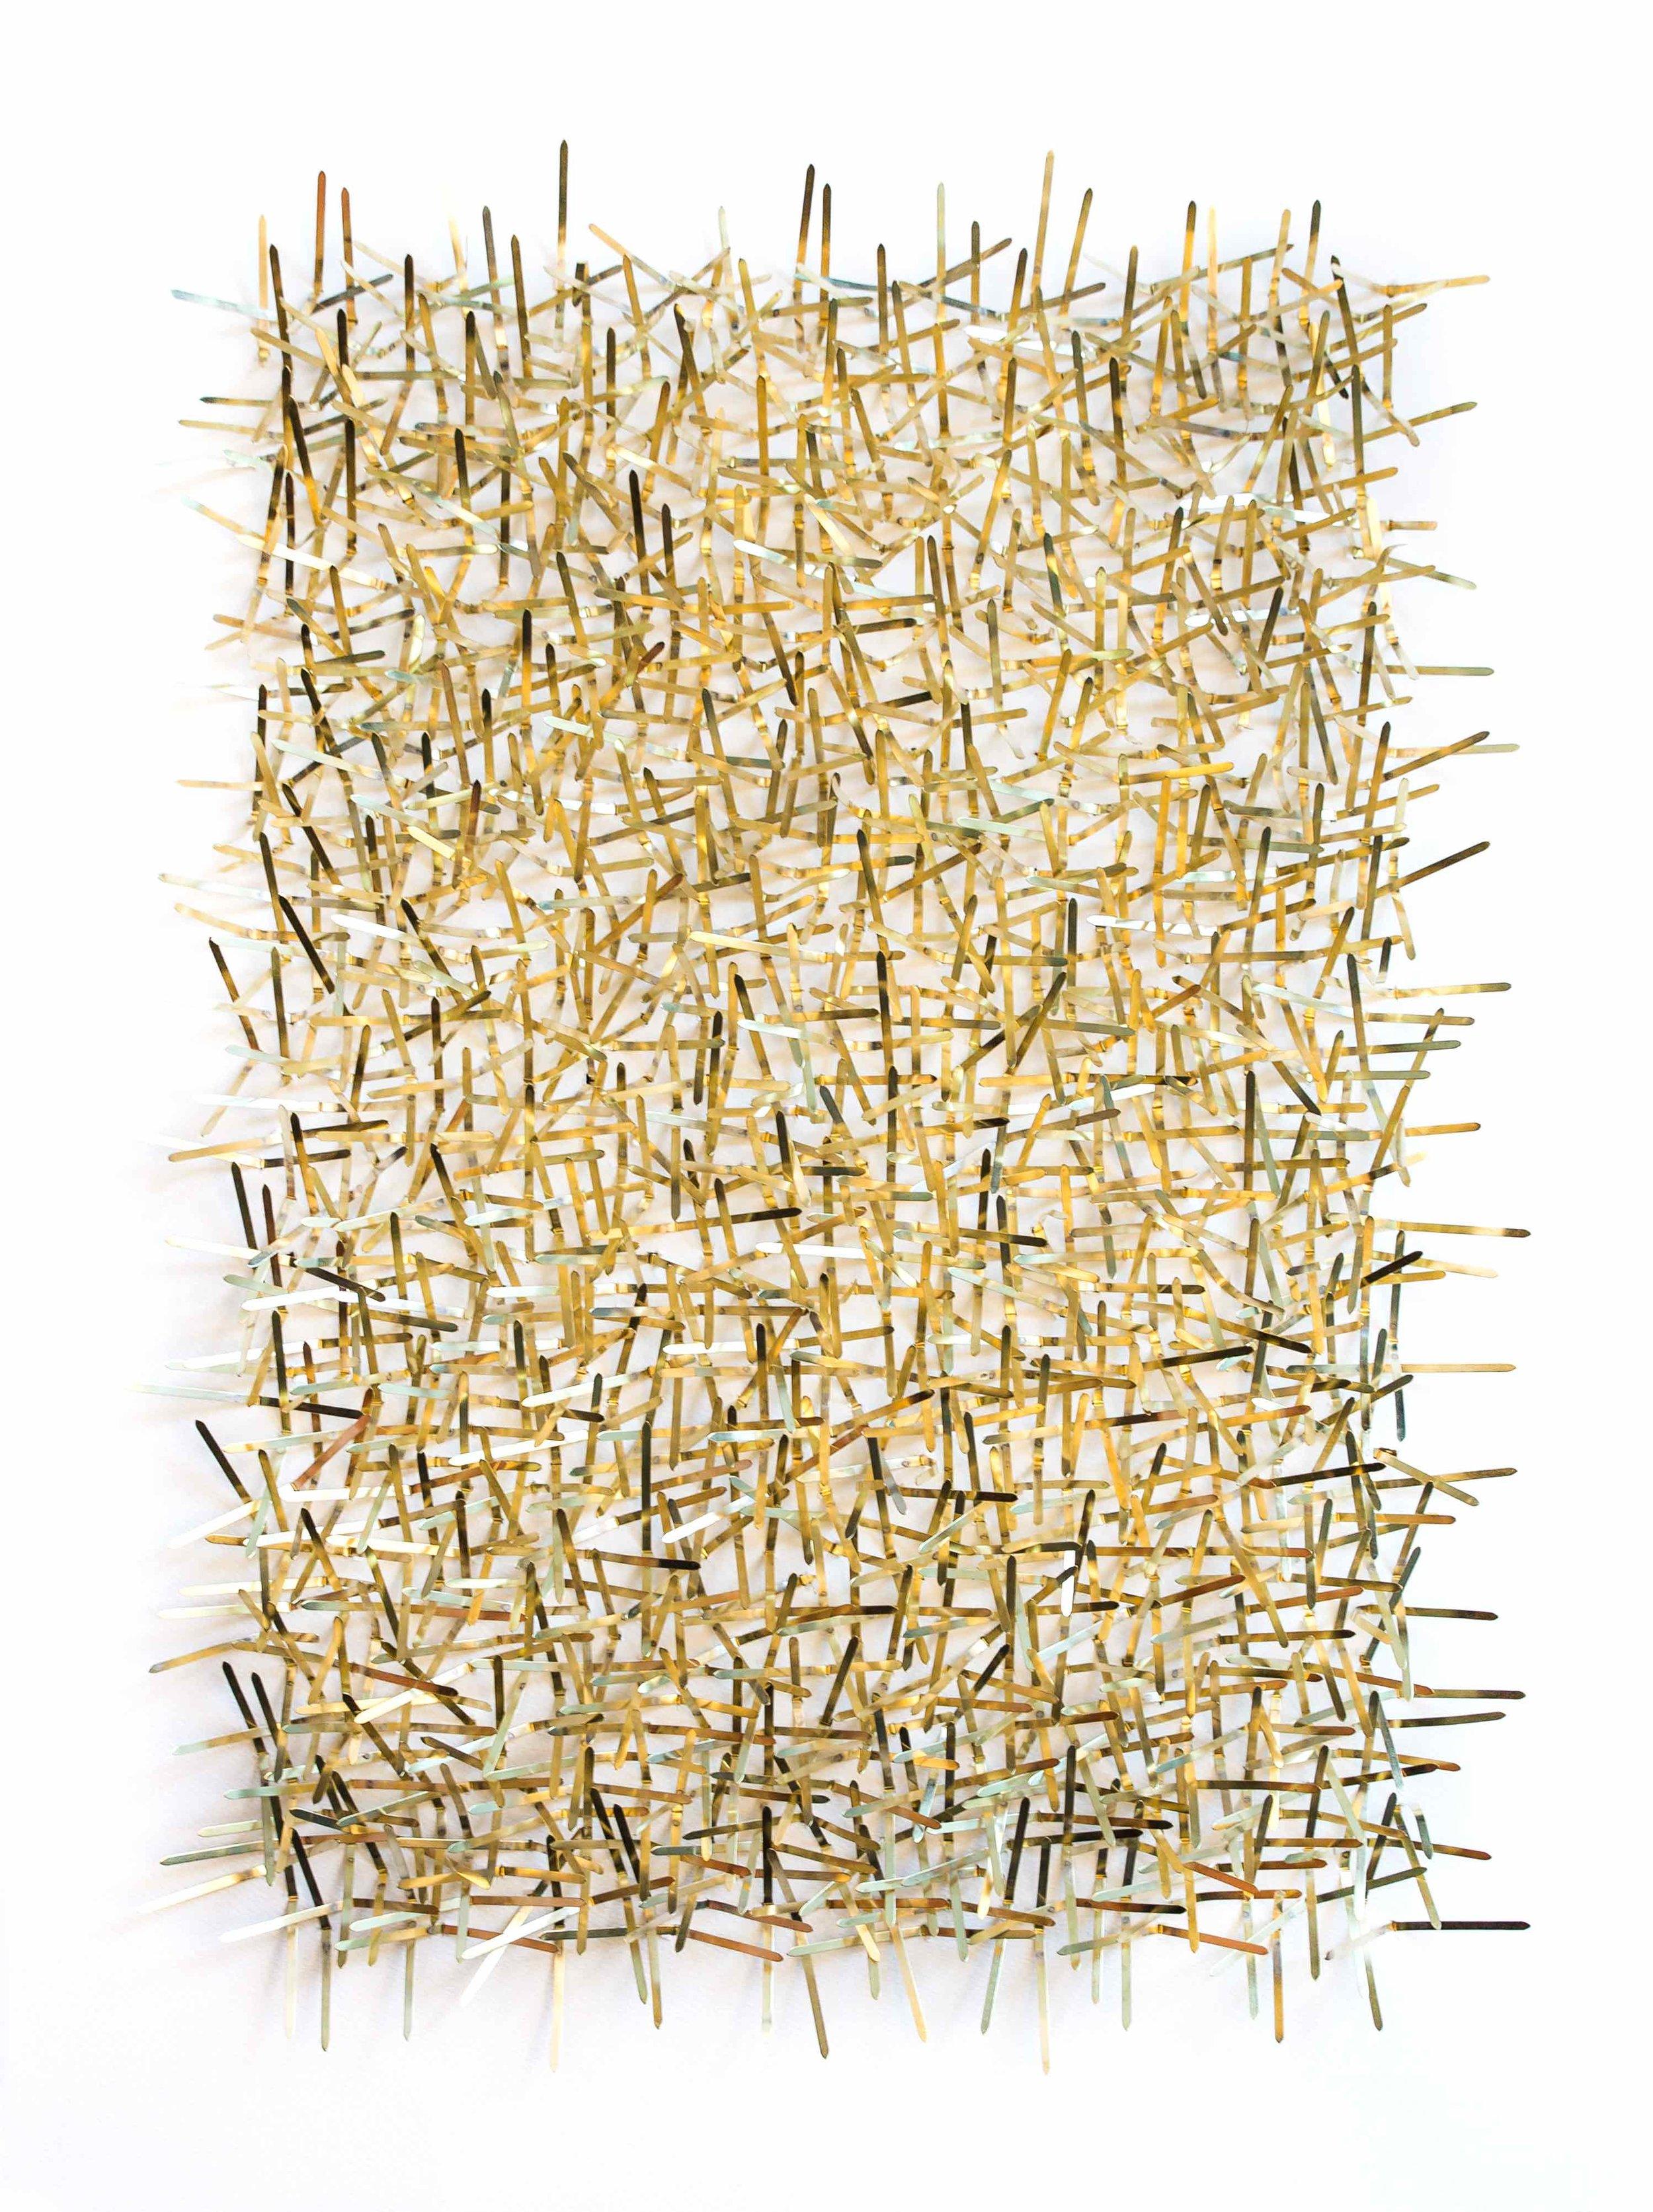 Spike - Papier & laiton56 x 76 cm2018Pièce unique